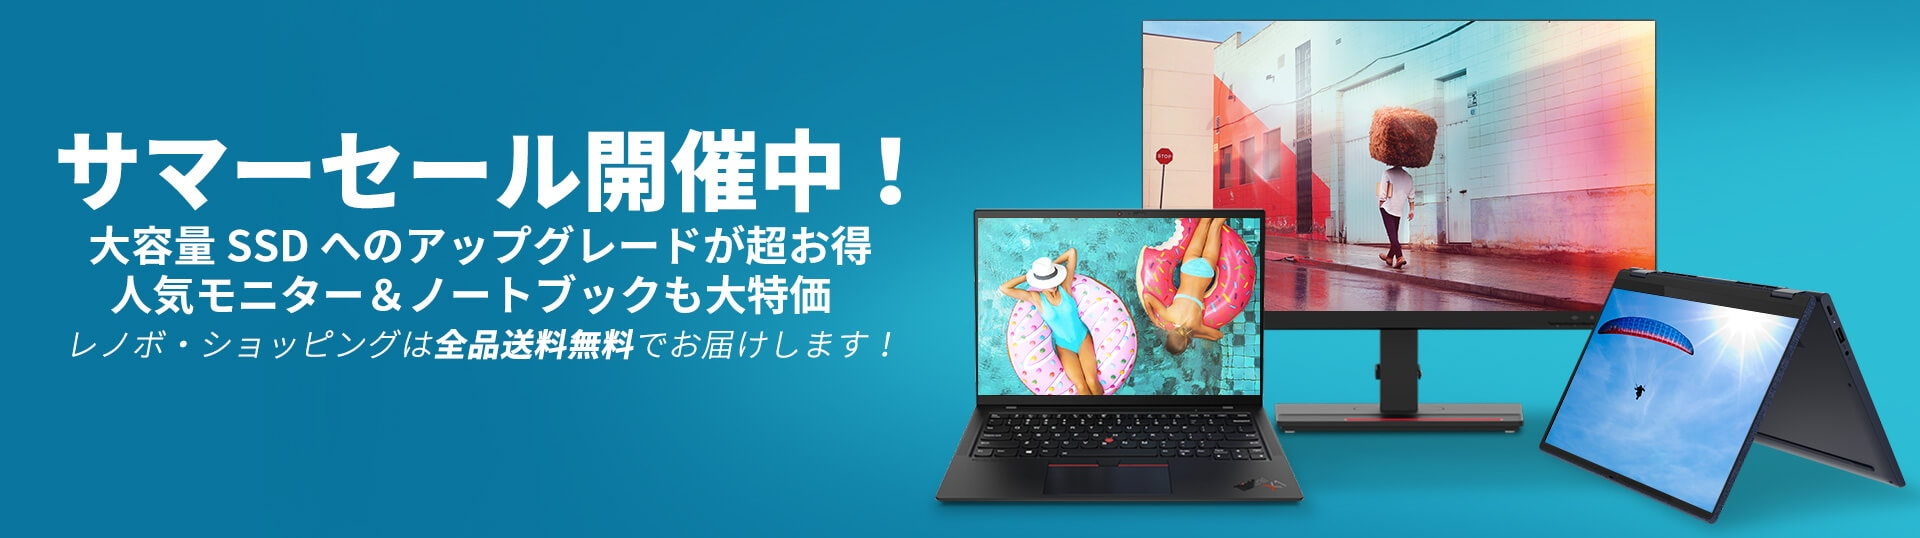 Lenovo「サマーセール」パソコンが最大53%OFF!